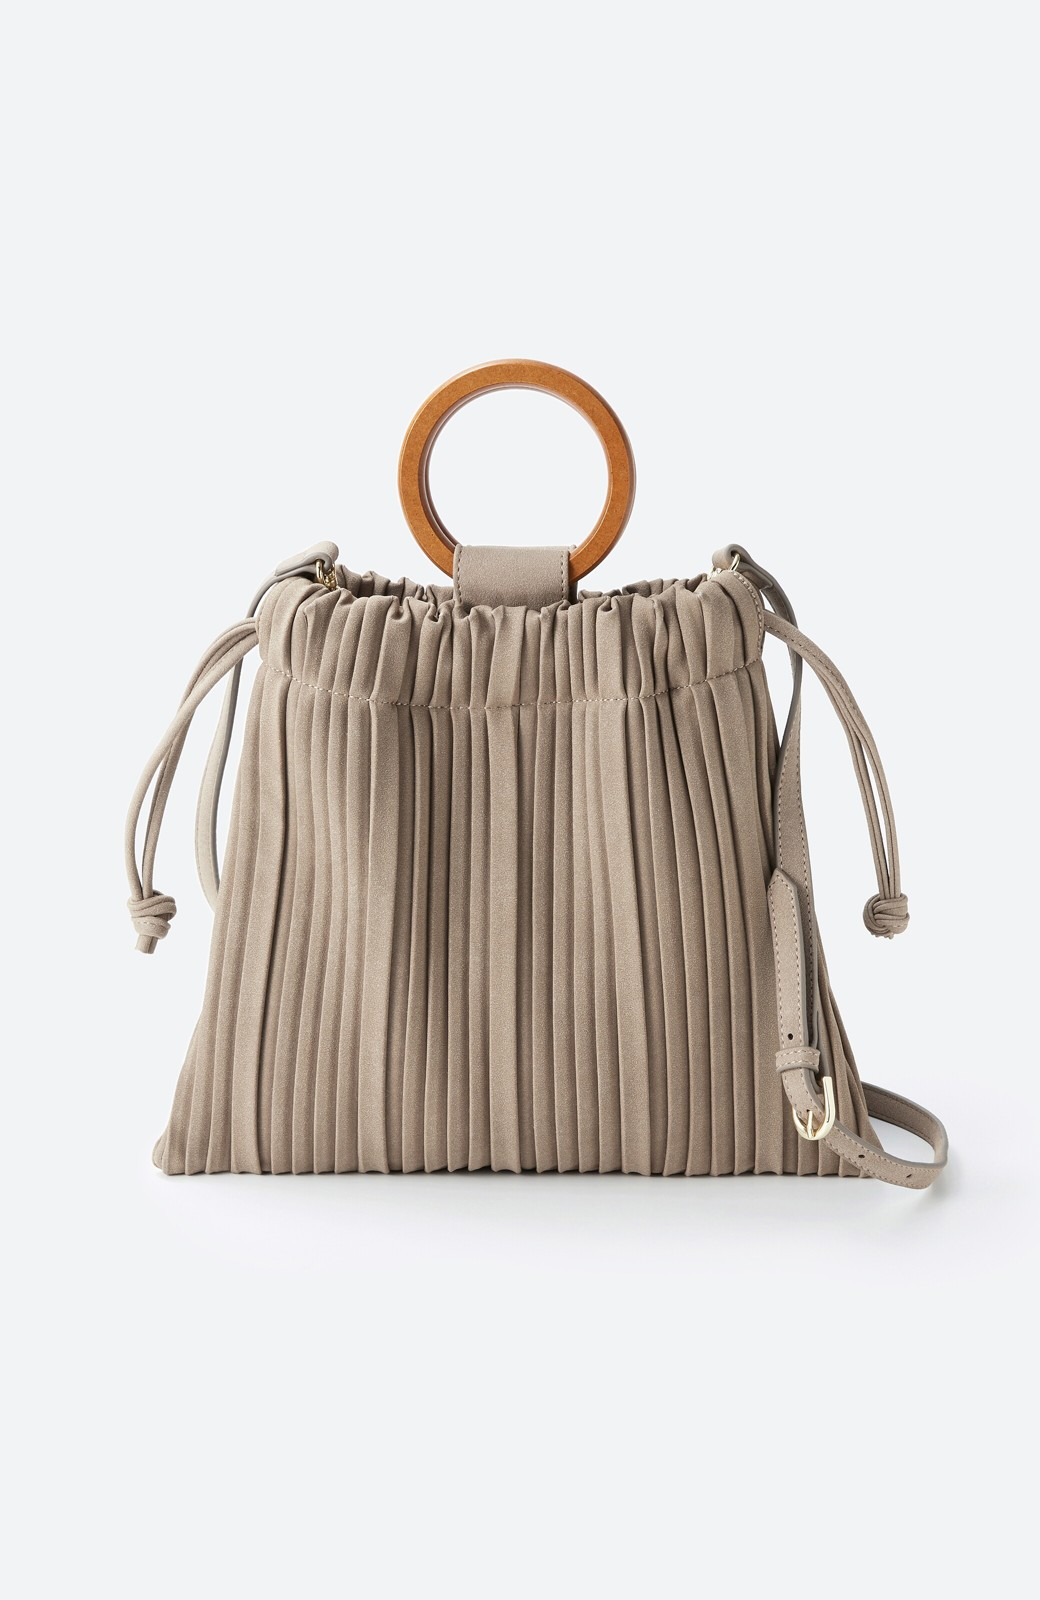 haco! パッと持ってコーデのポイントになる フェイクスエードがやさしい雰囲気の2WAYプリーツバッグ <ベージュ>の商品写真2